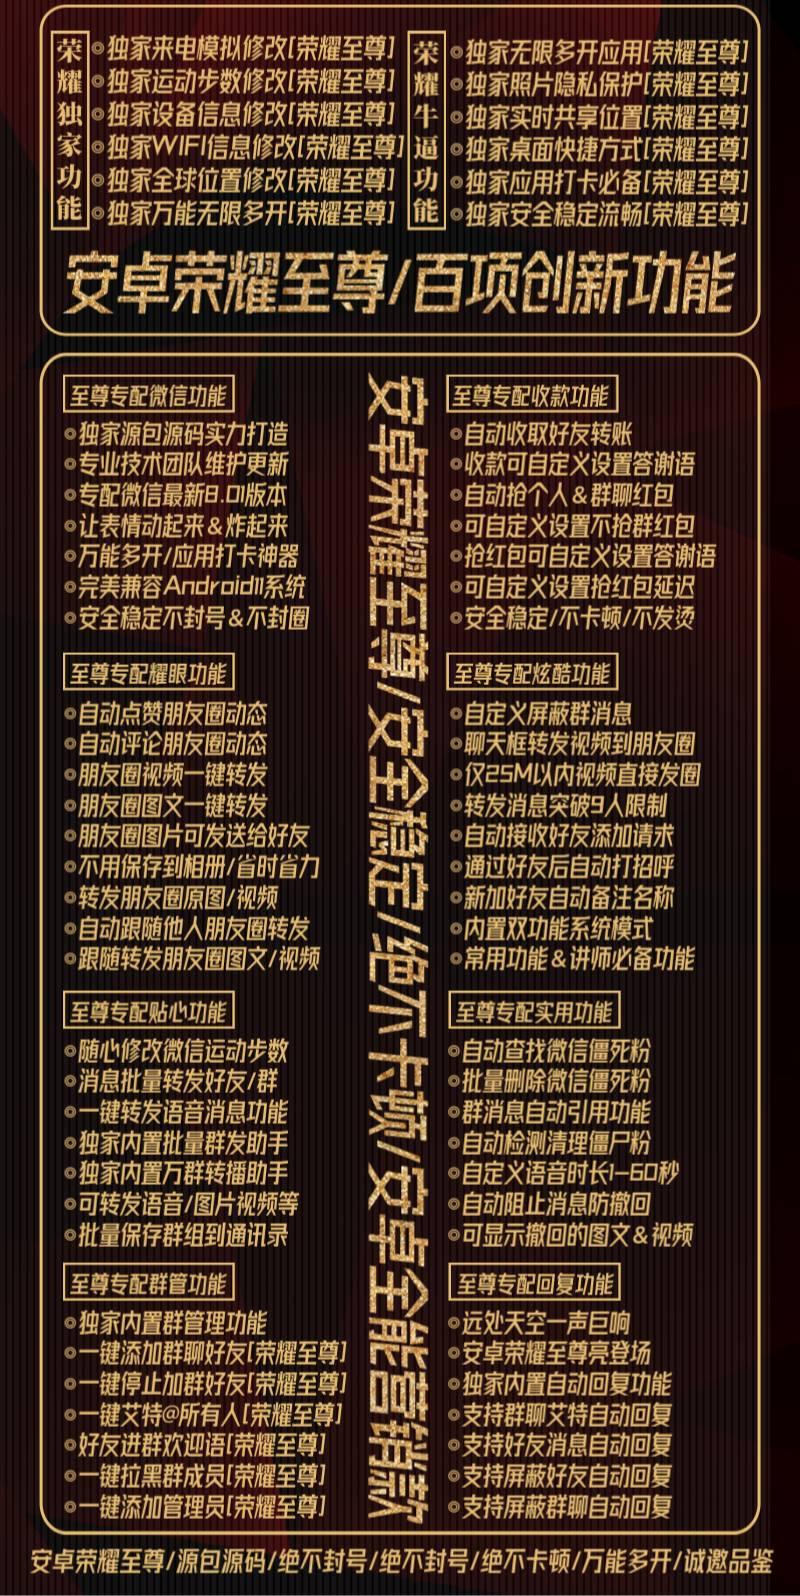 安卓荣耀至尊激活码微信8.0.1版本支持钉钉/企业远程打卡无限制分身官方APP全球虚拟定位